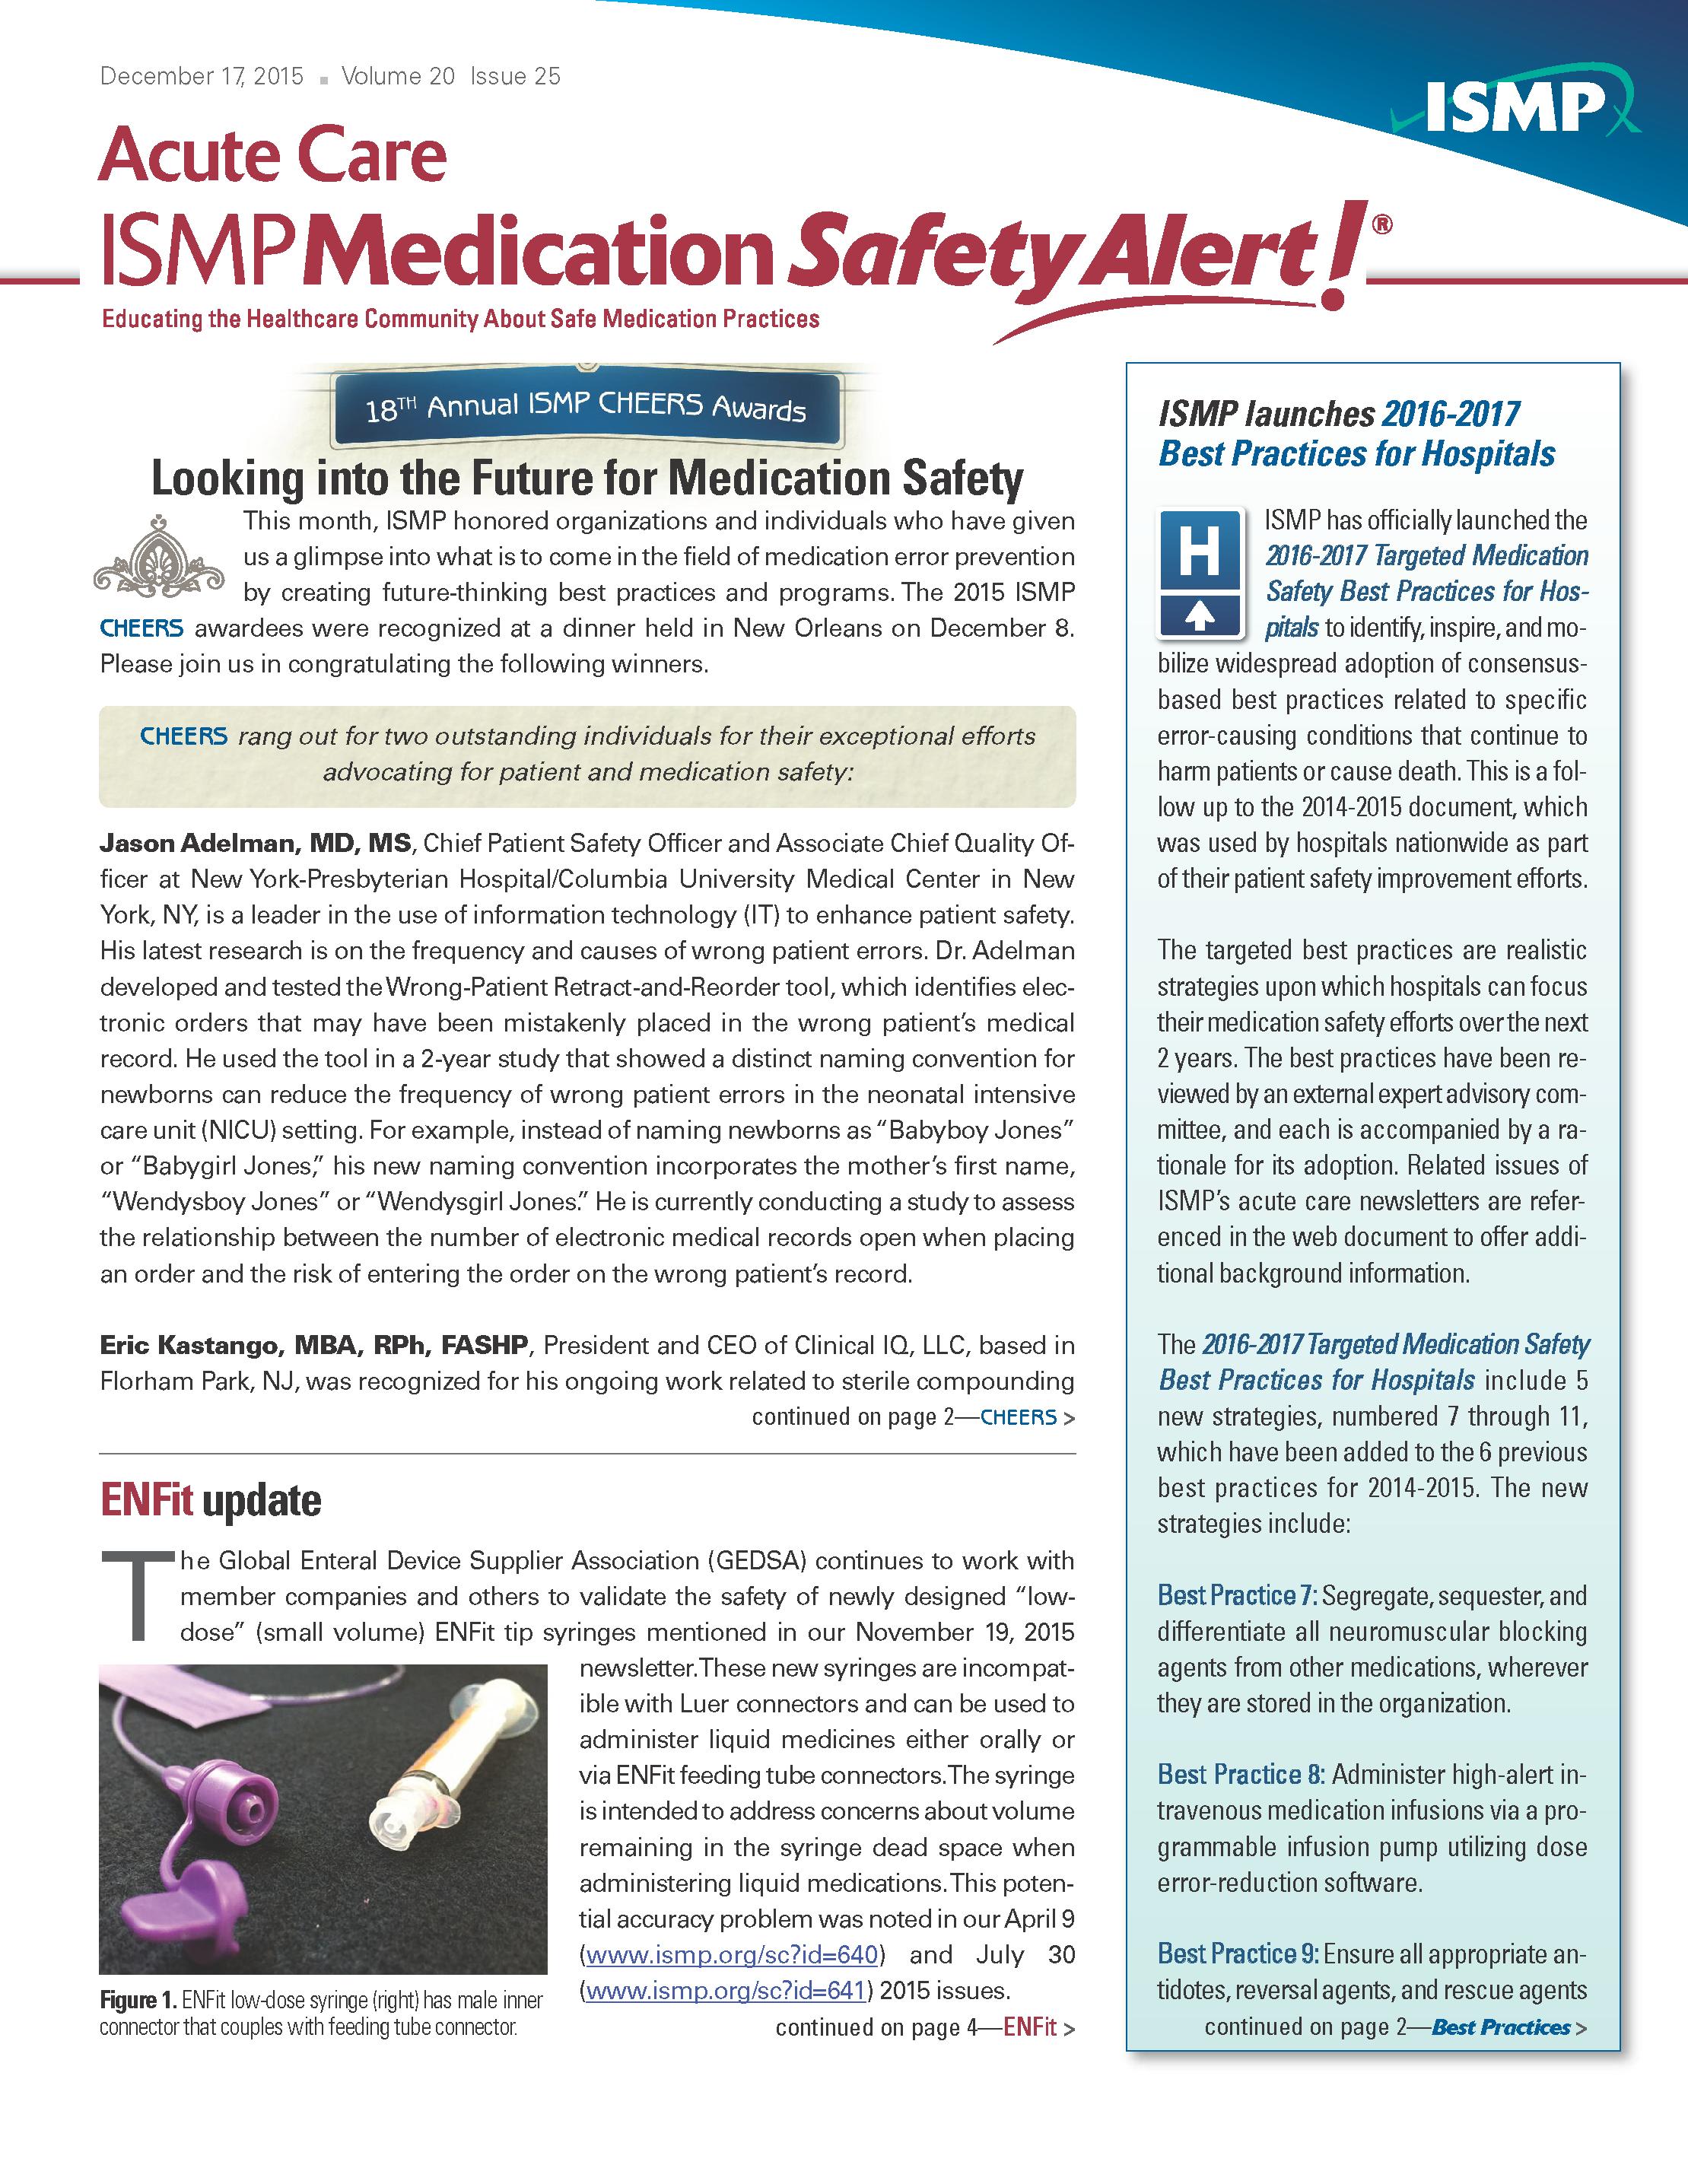 ISMP Medical Safety Alert